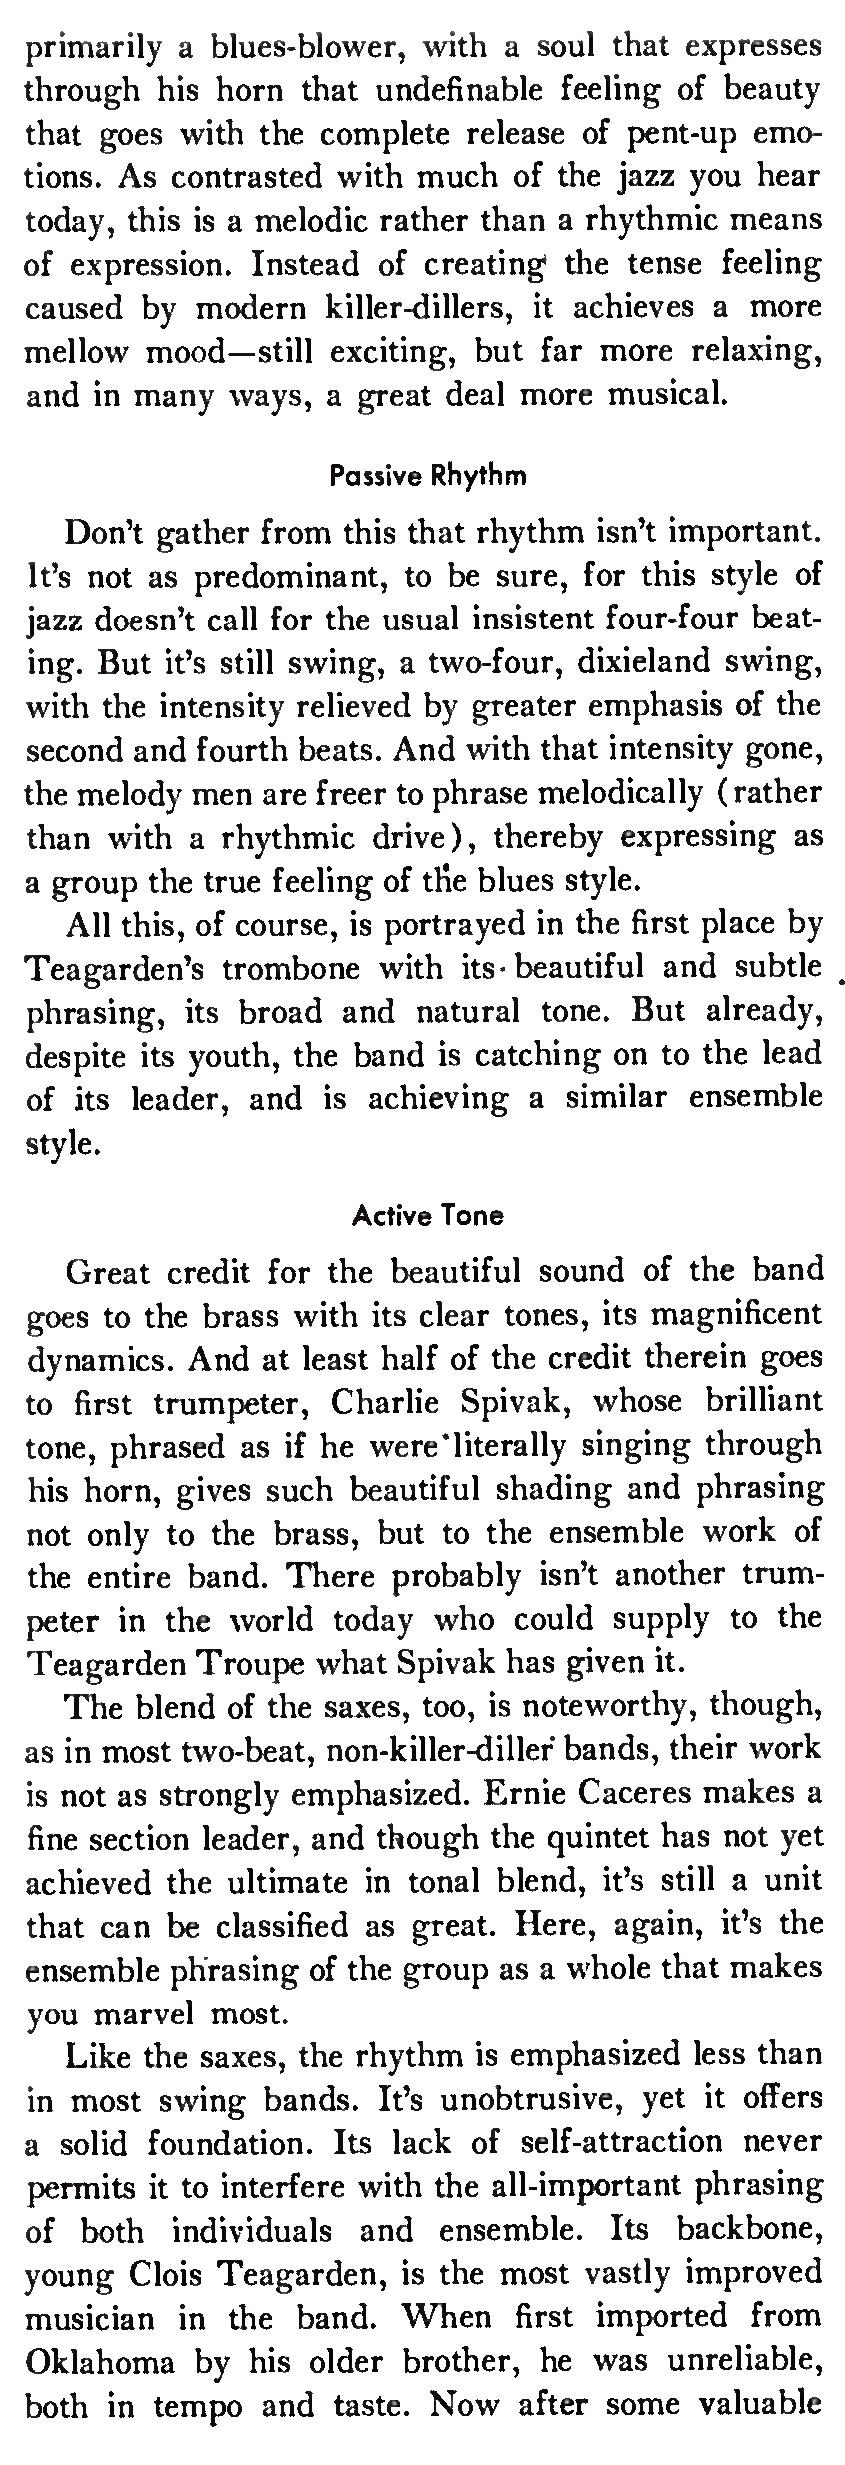 1939-06 Simon Review of Teagarden 2